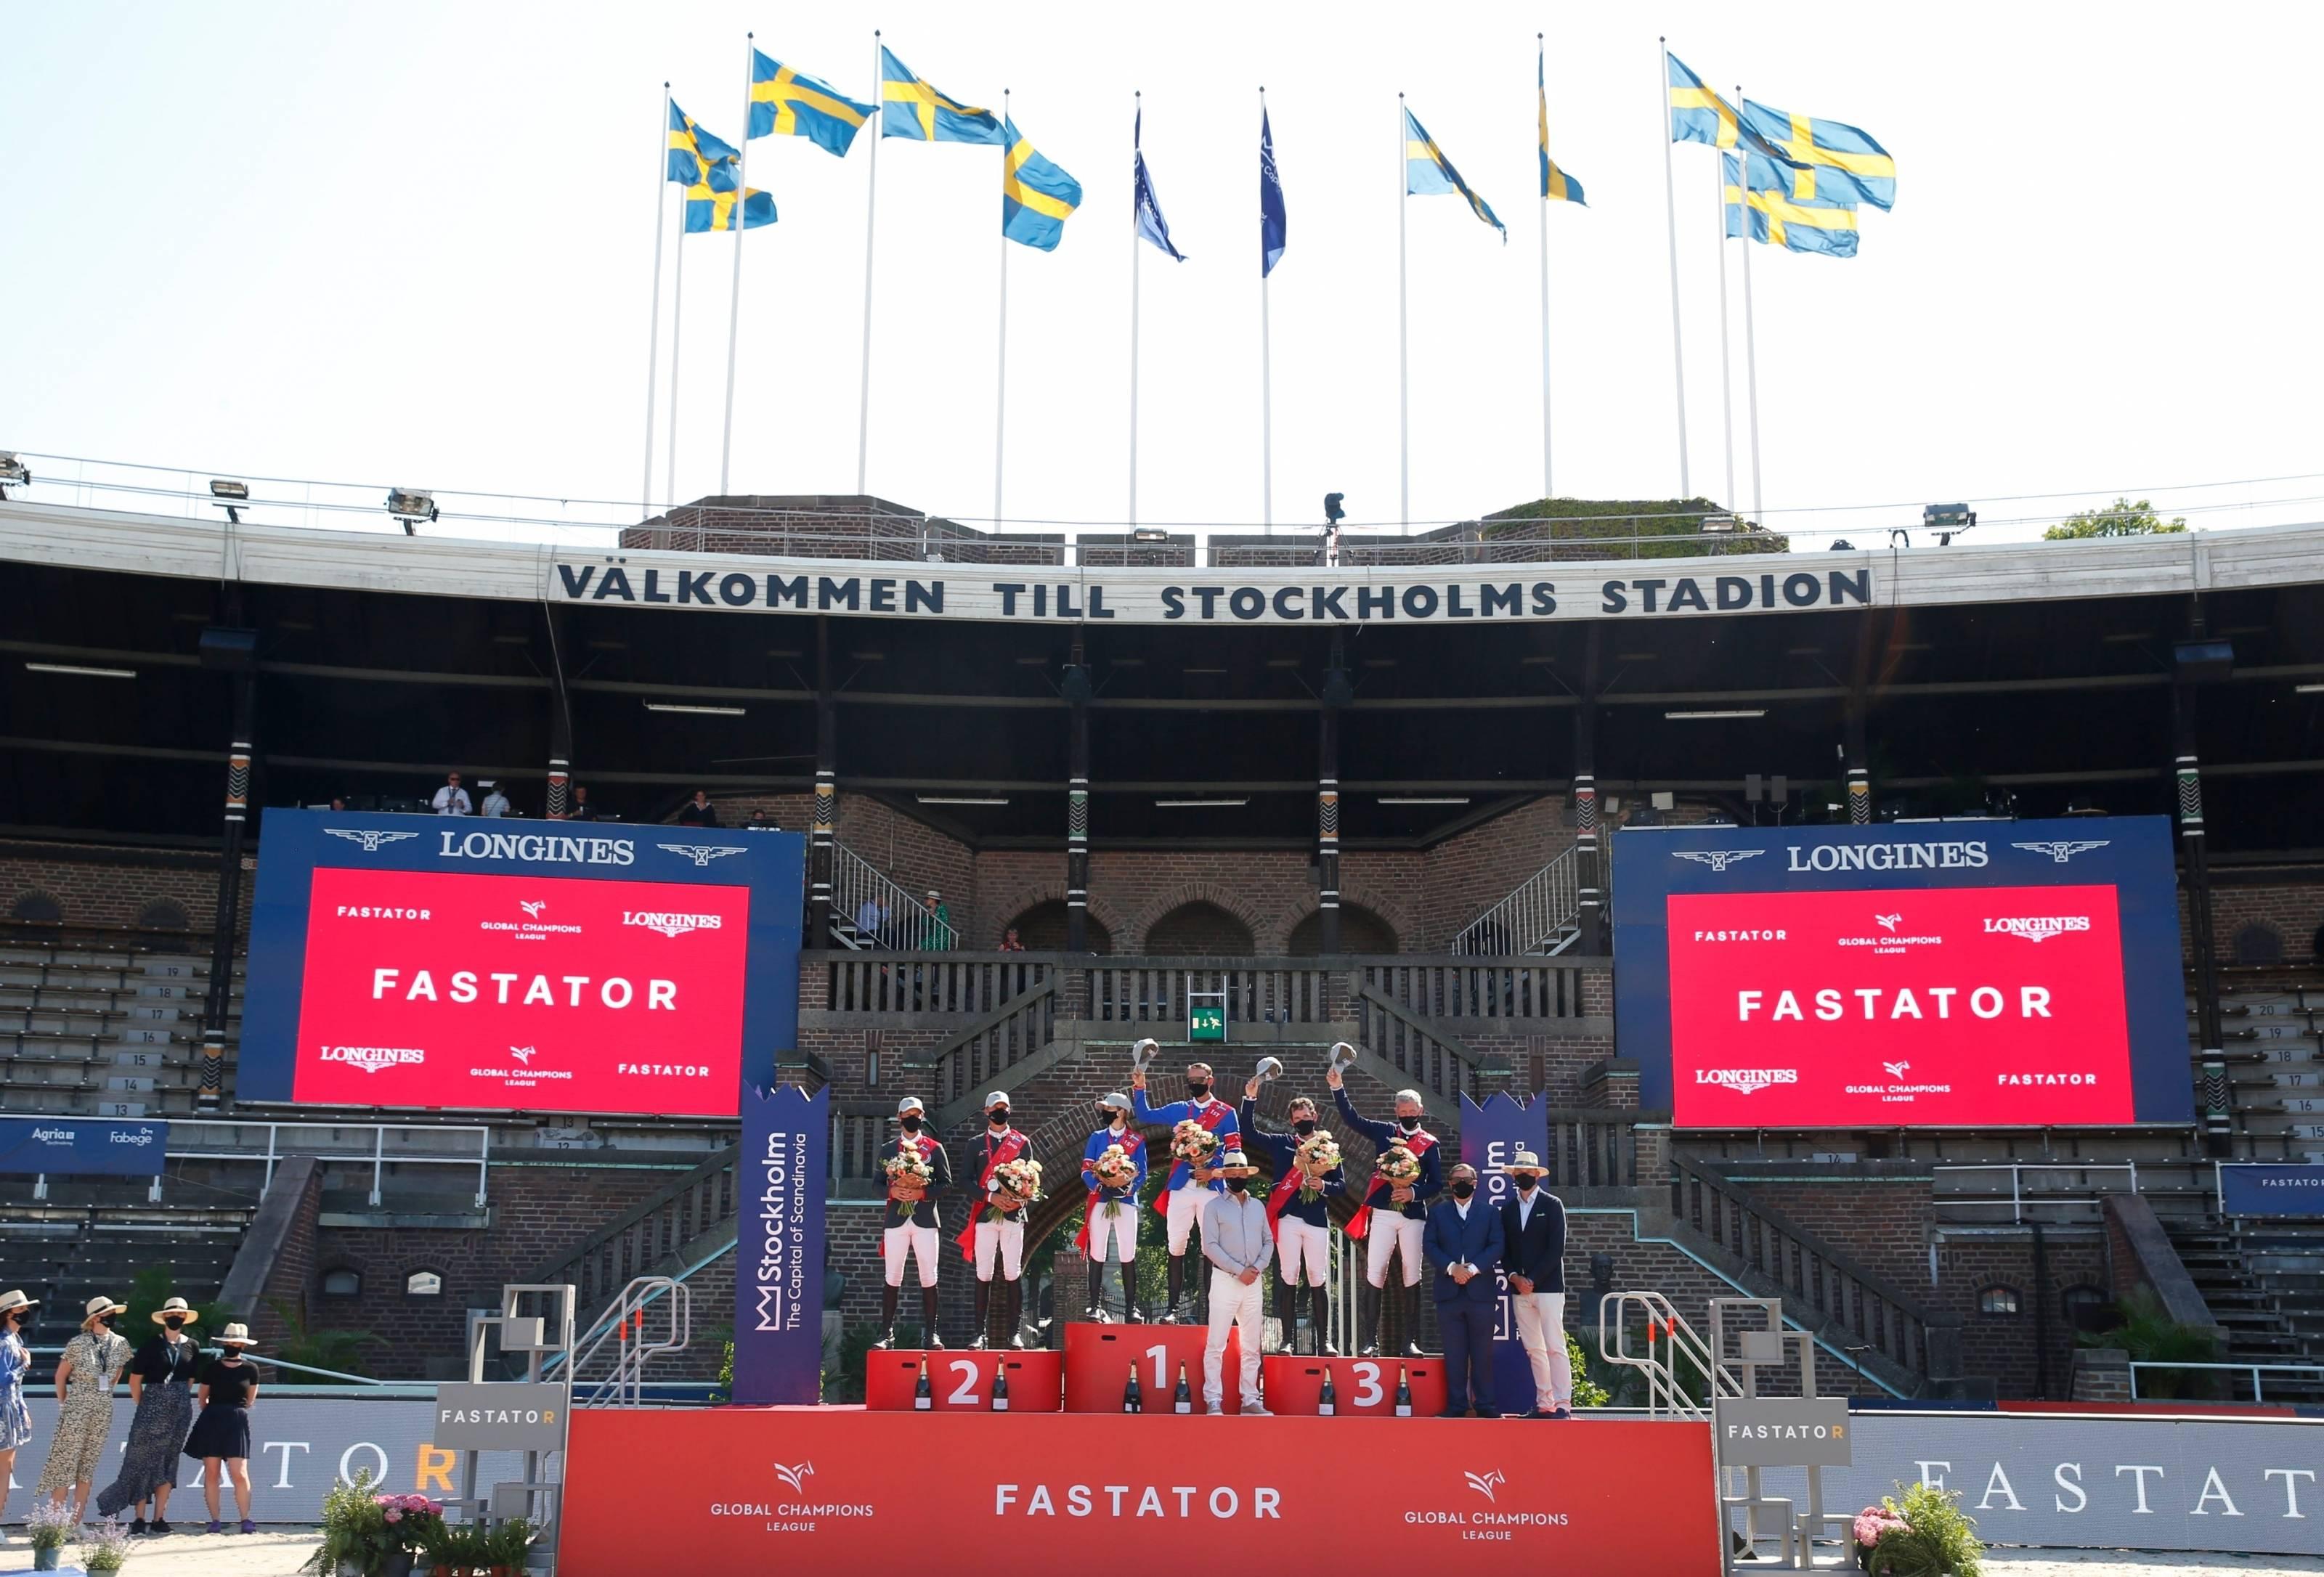 举世集团冠军斯德哥尔摩站:瓦尔肯斯沃德联结队胜利登顶【环球体育】